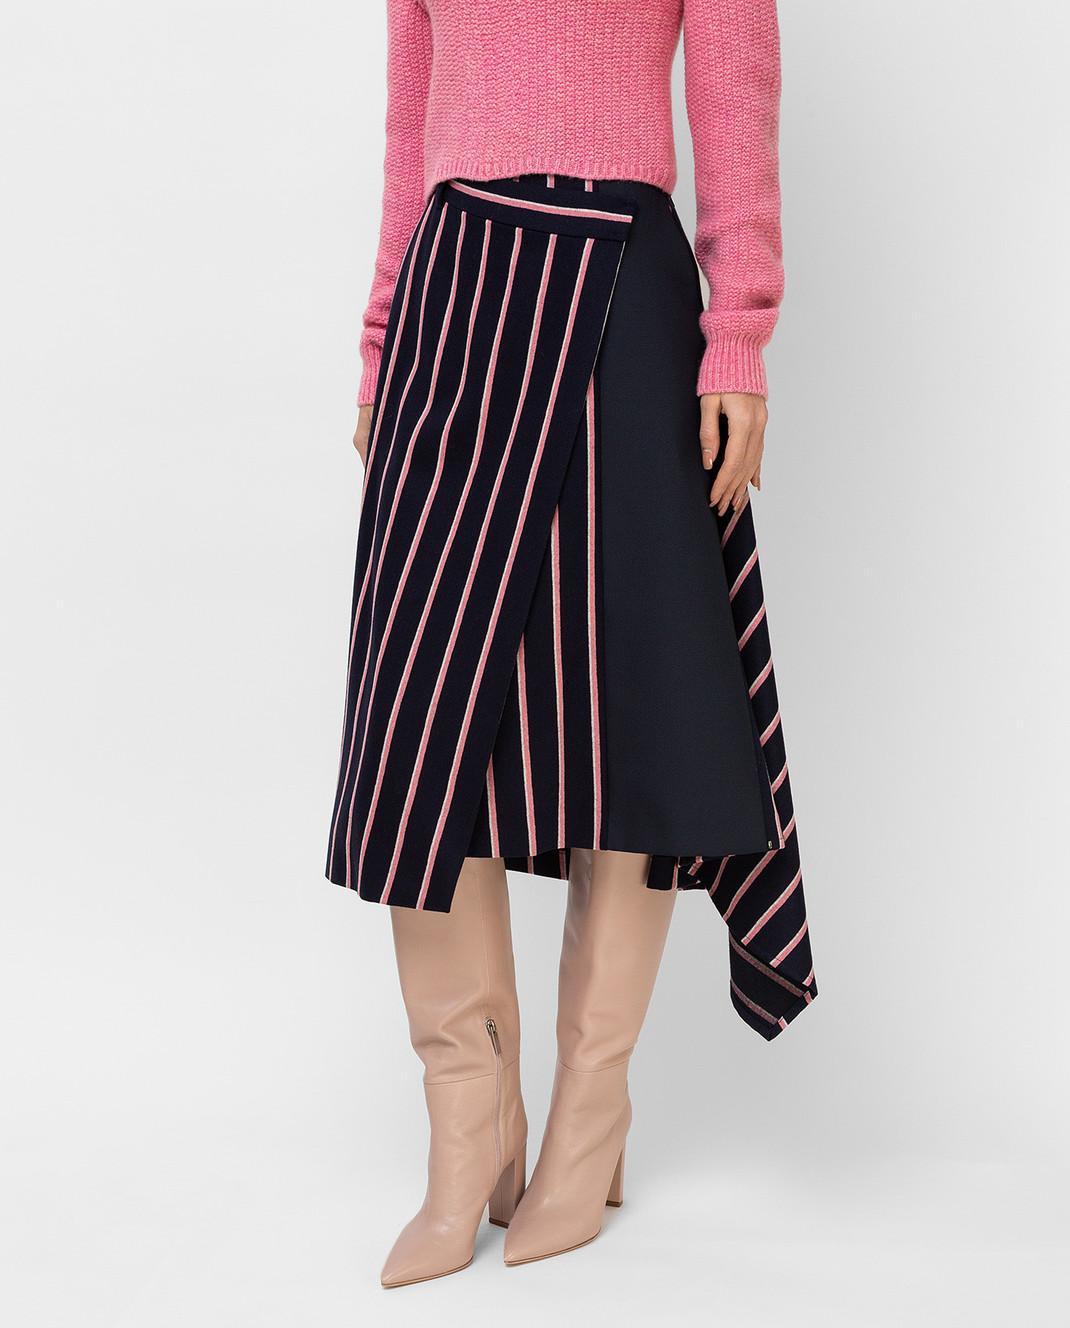 Max Mara Темно-синяя юбка из шерсти PINNE изображение 3